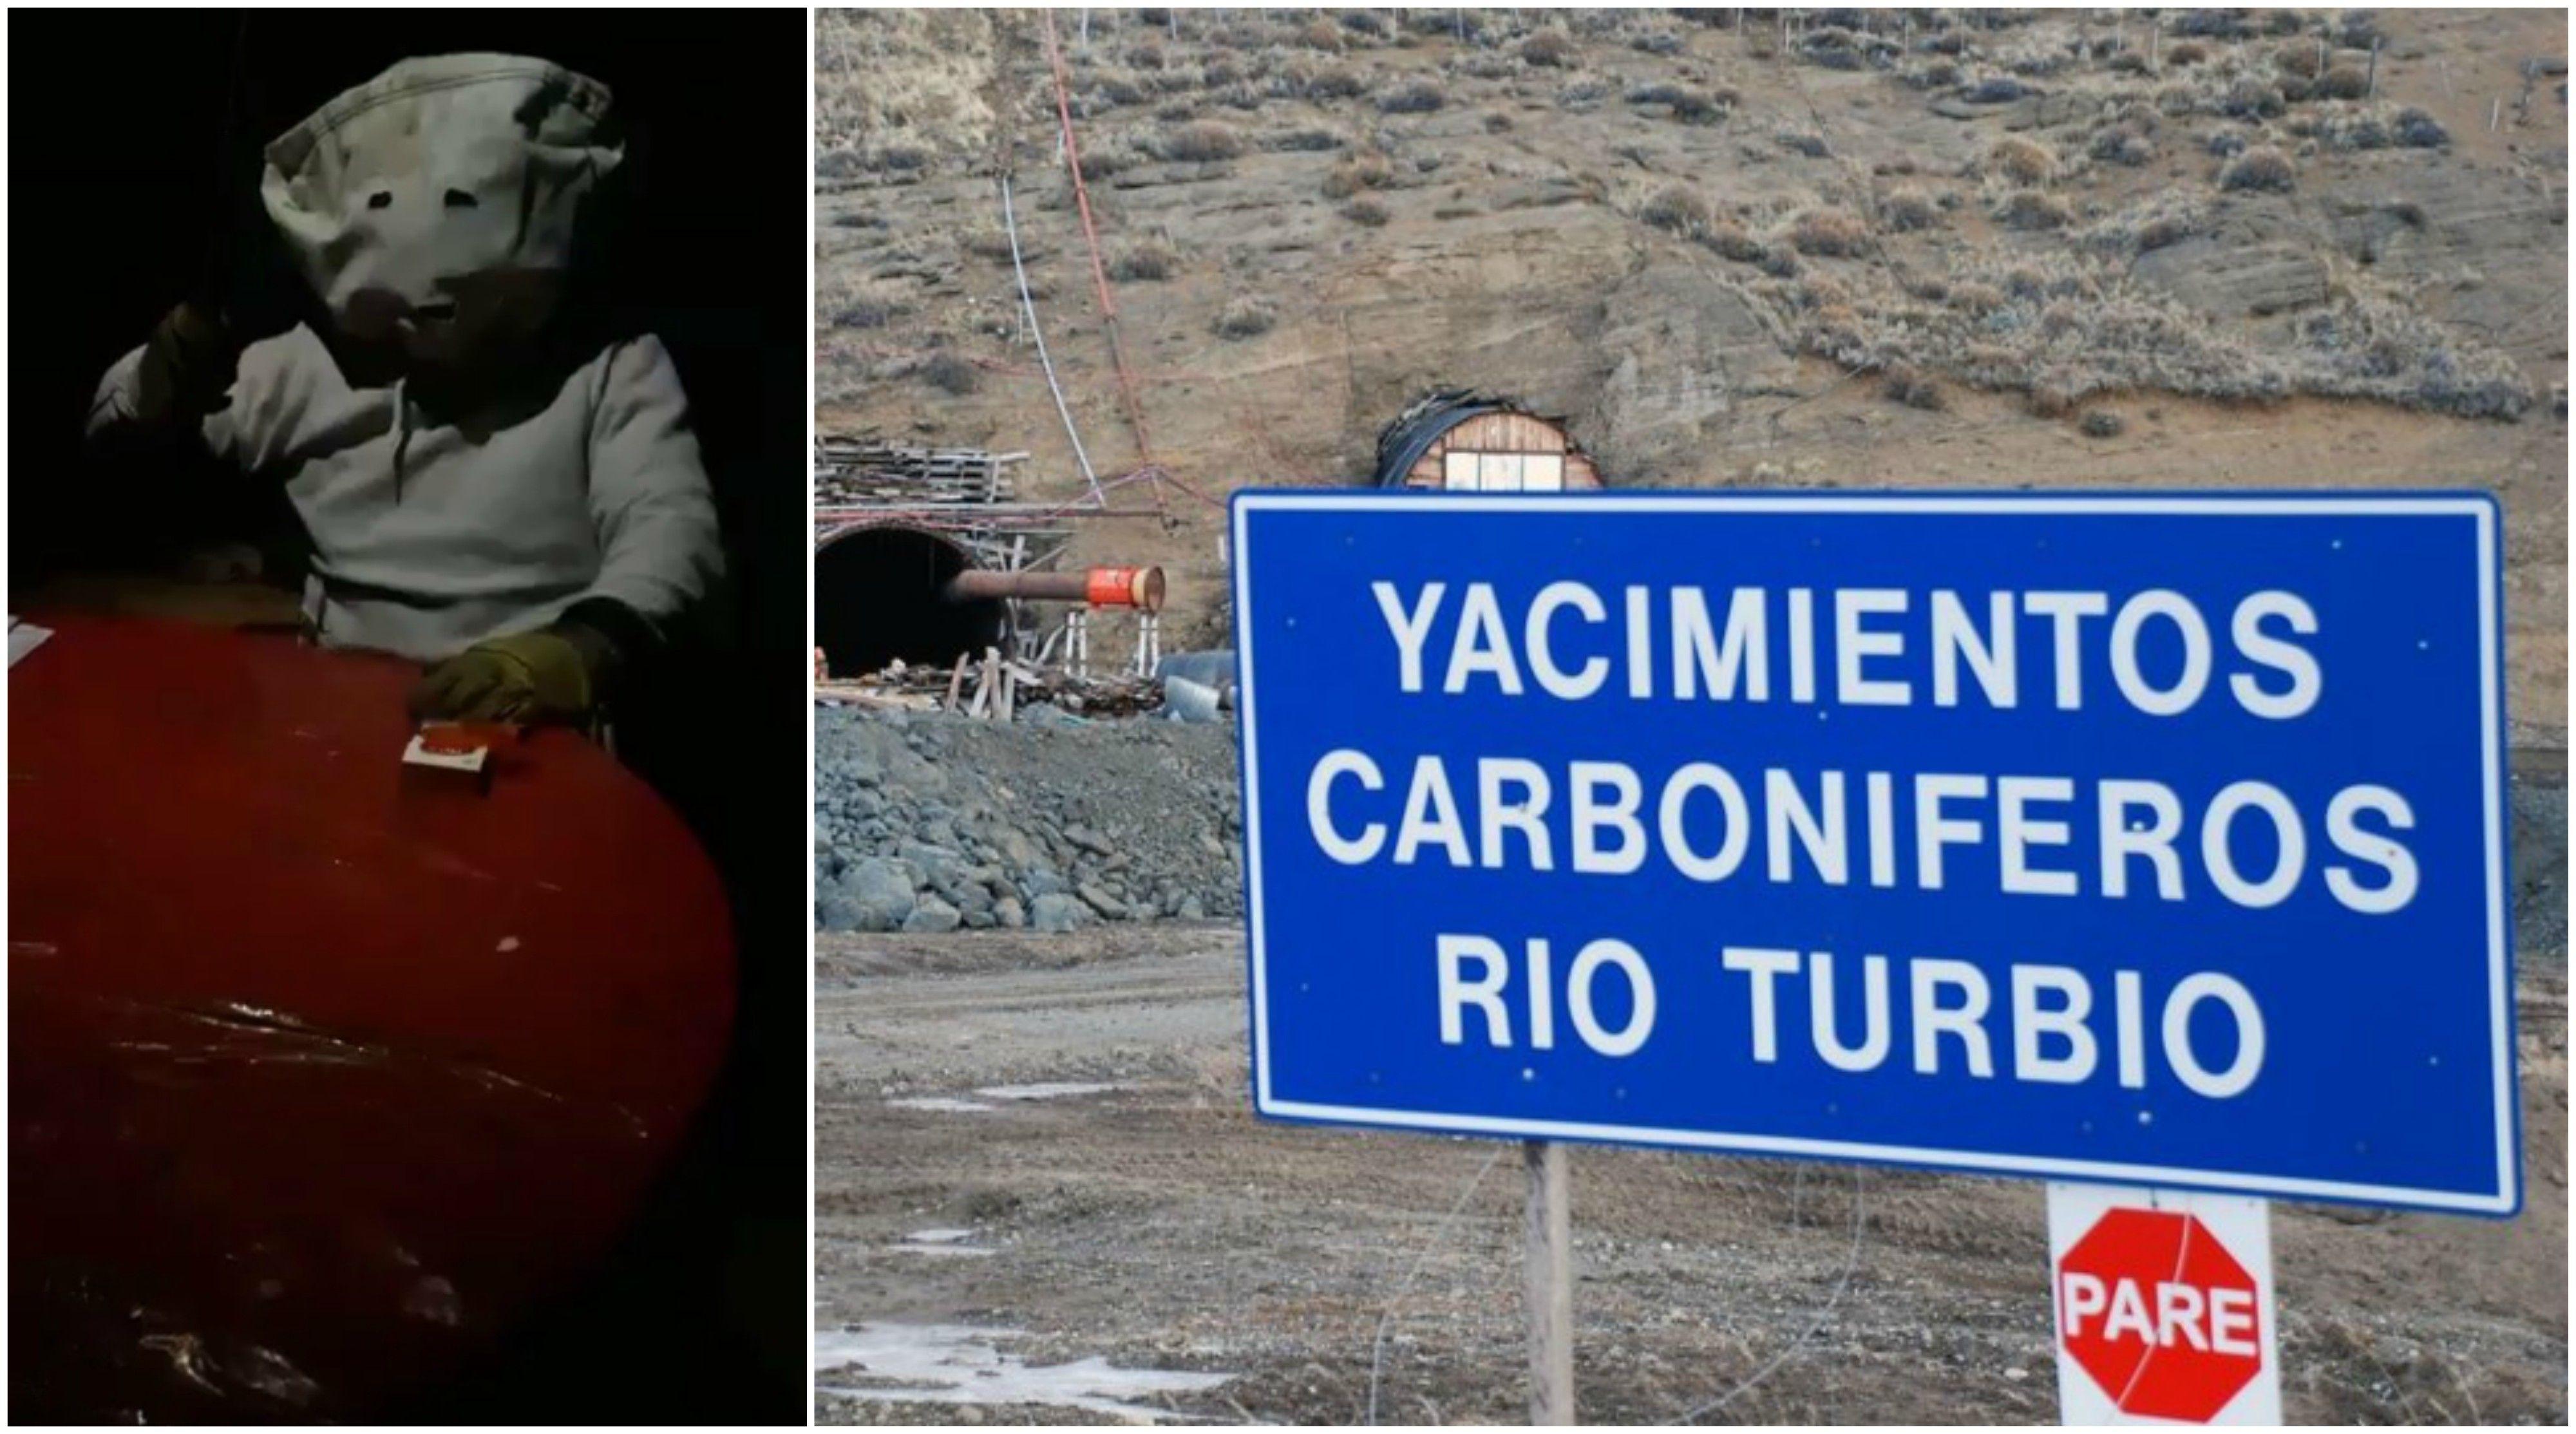 Encapuchados tomaron la mina de Río Turbio y publicaron un video